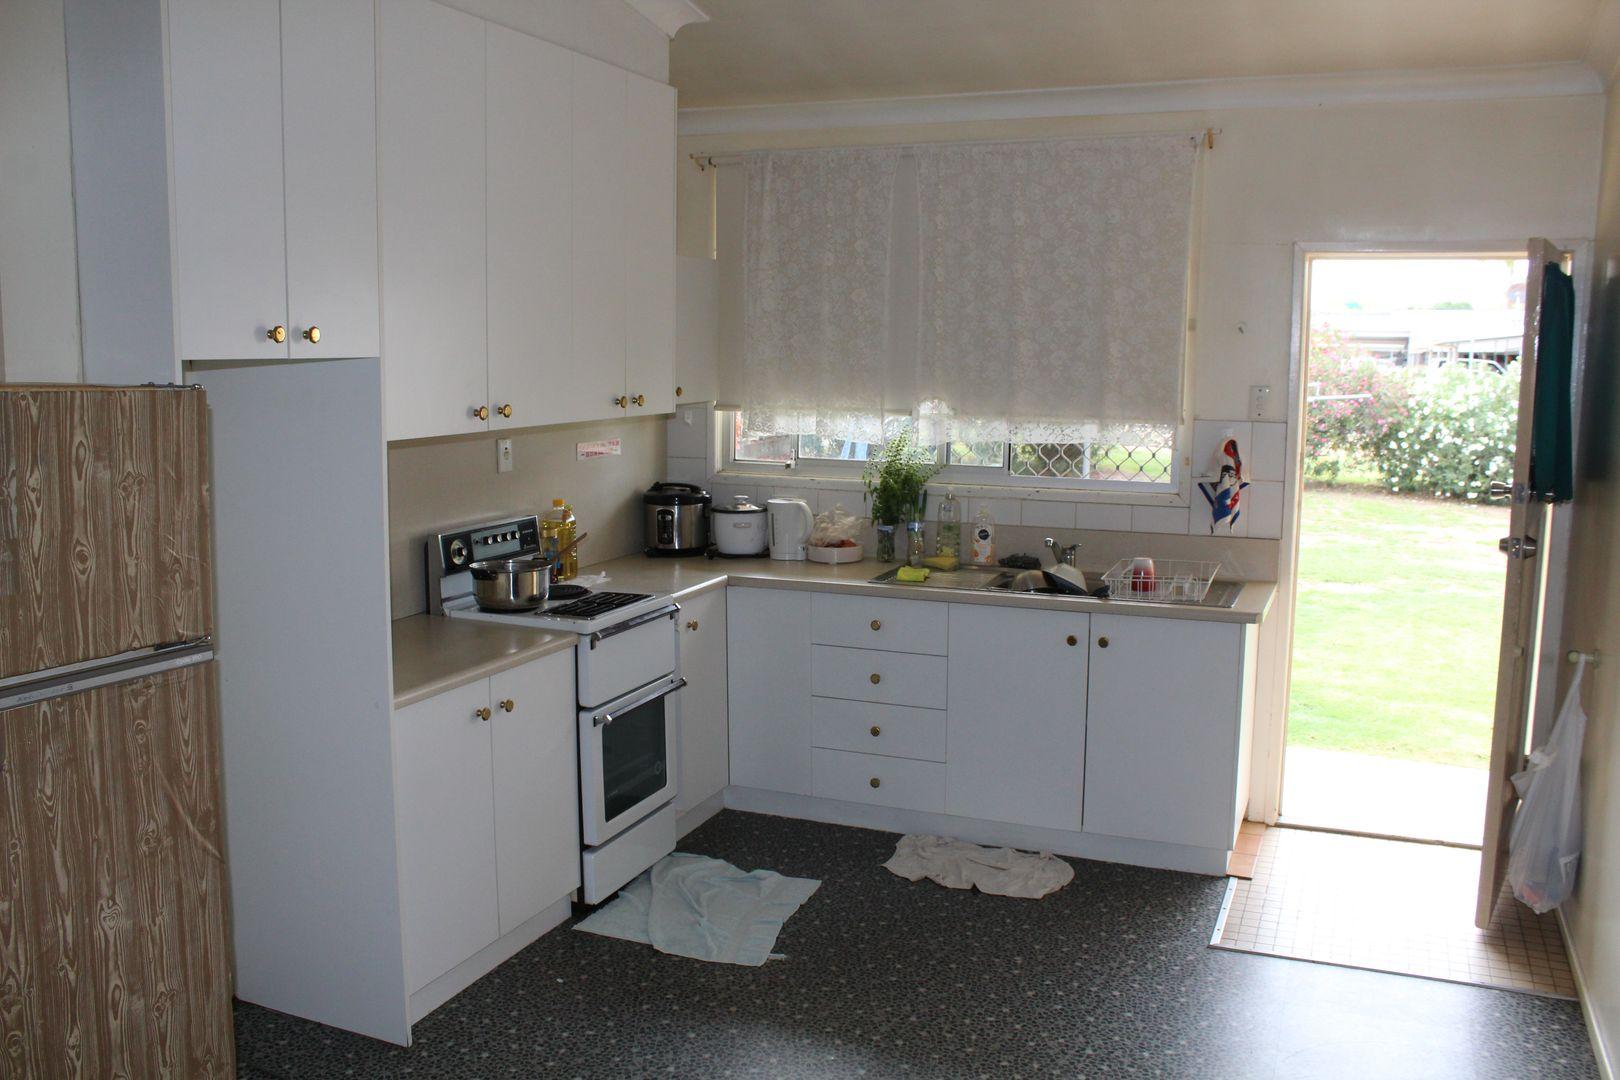 53 BOWEN ST, Goondiwindi QLD 4390, Image 2